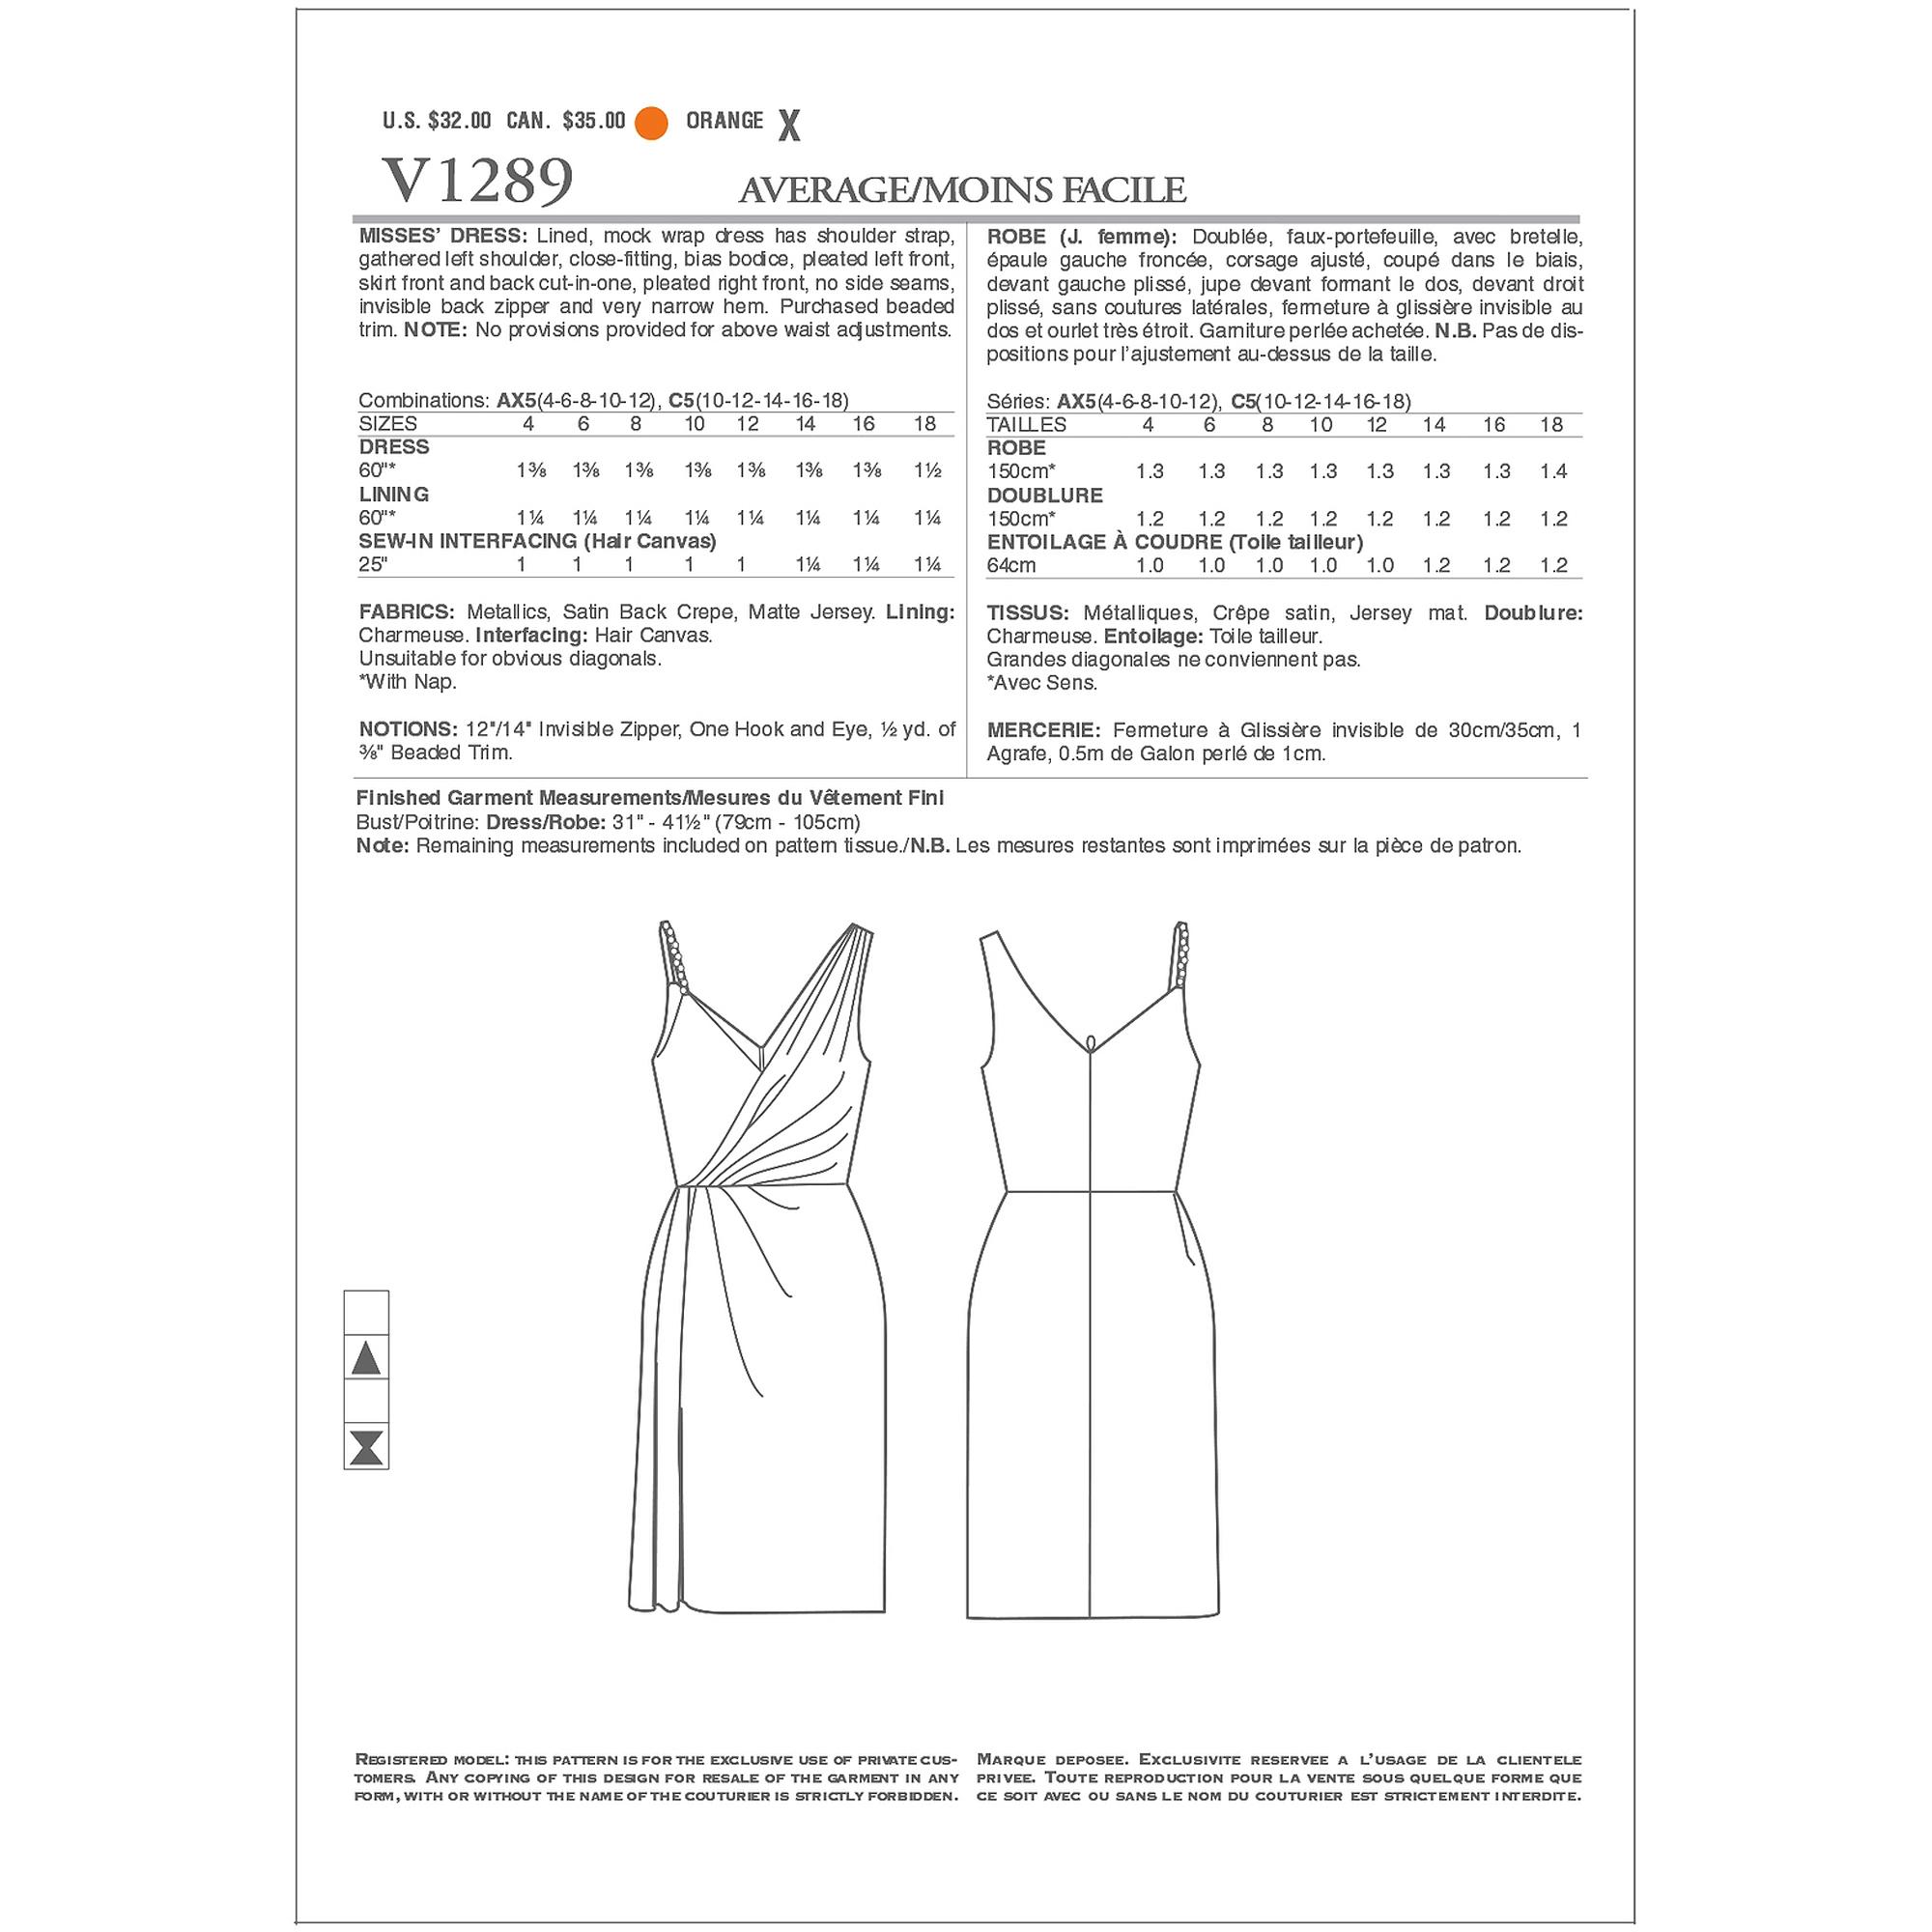 Vogue Pattern Misses' Dress, C5 (10, 12, 14, 16, 18)